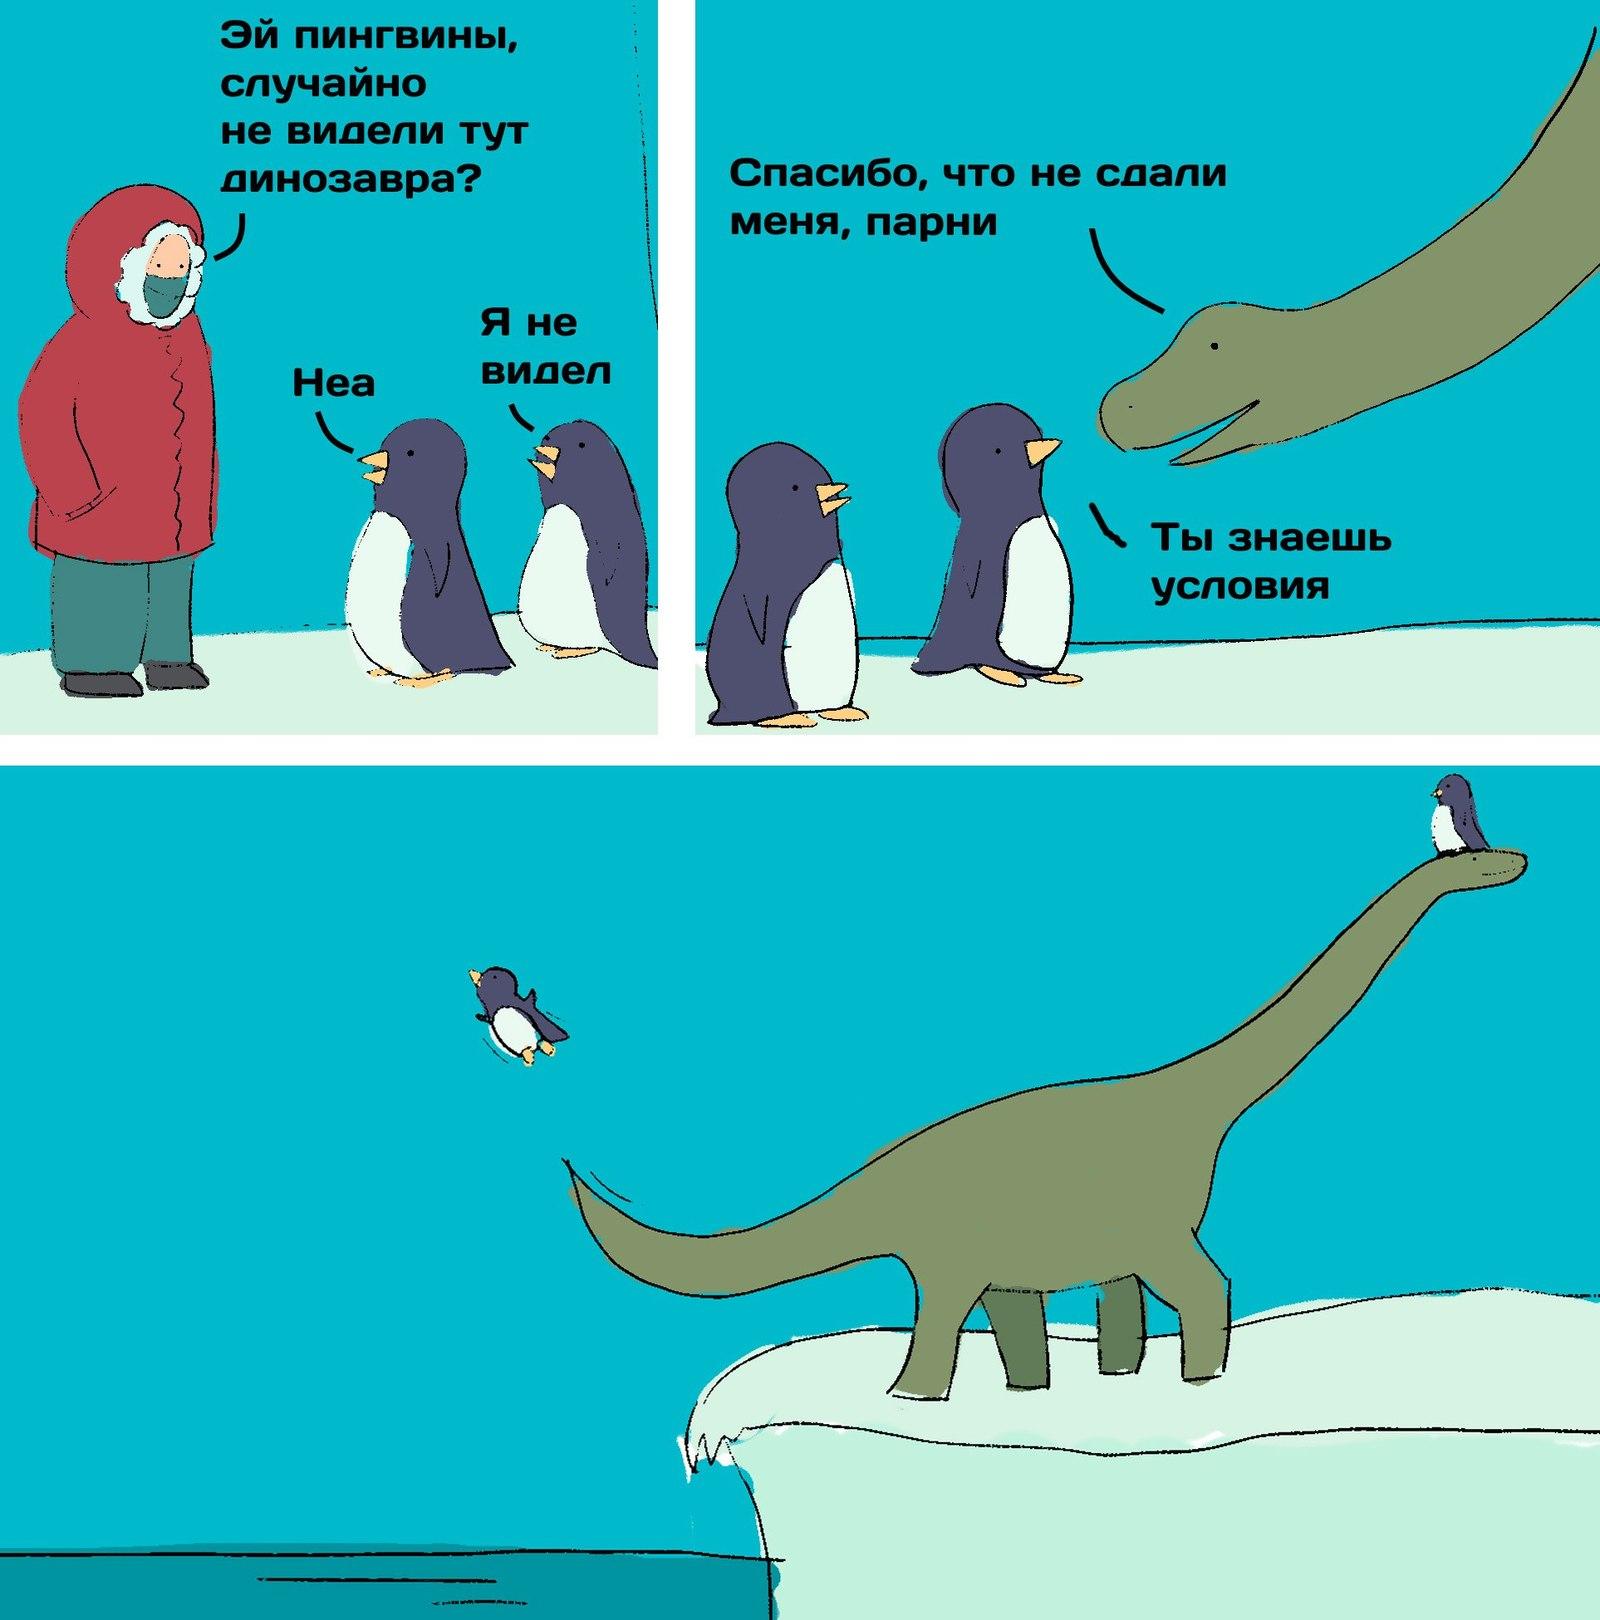 Ореховым, картинки смешные про динозавров